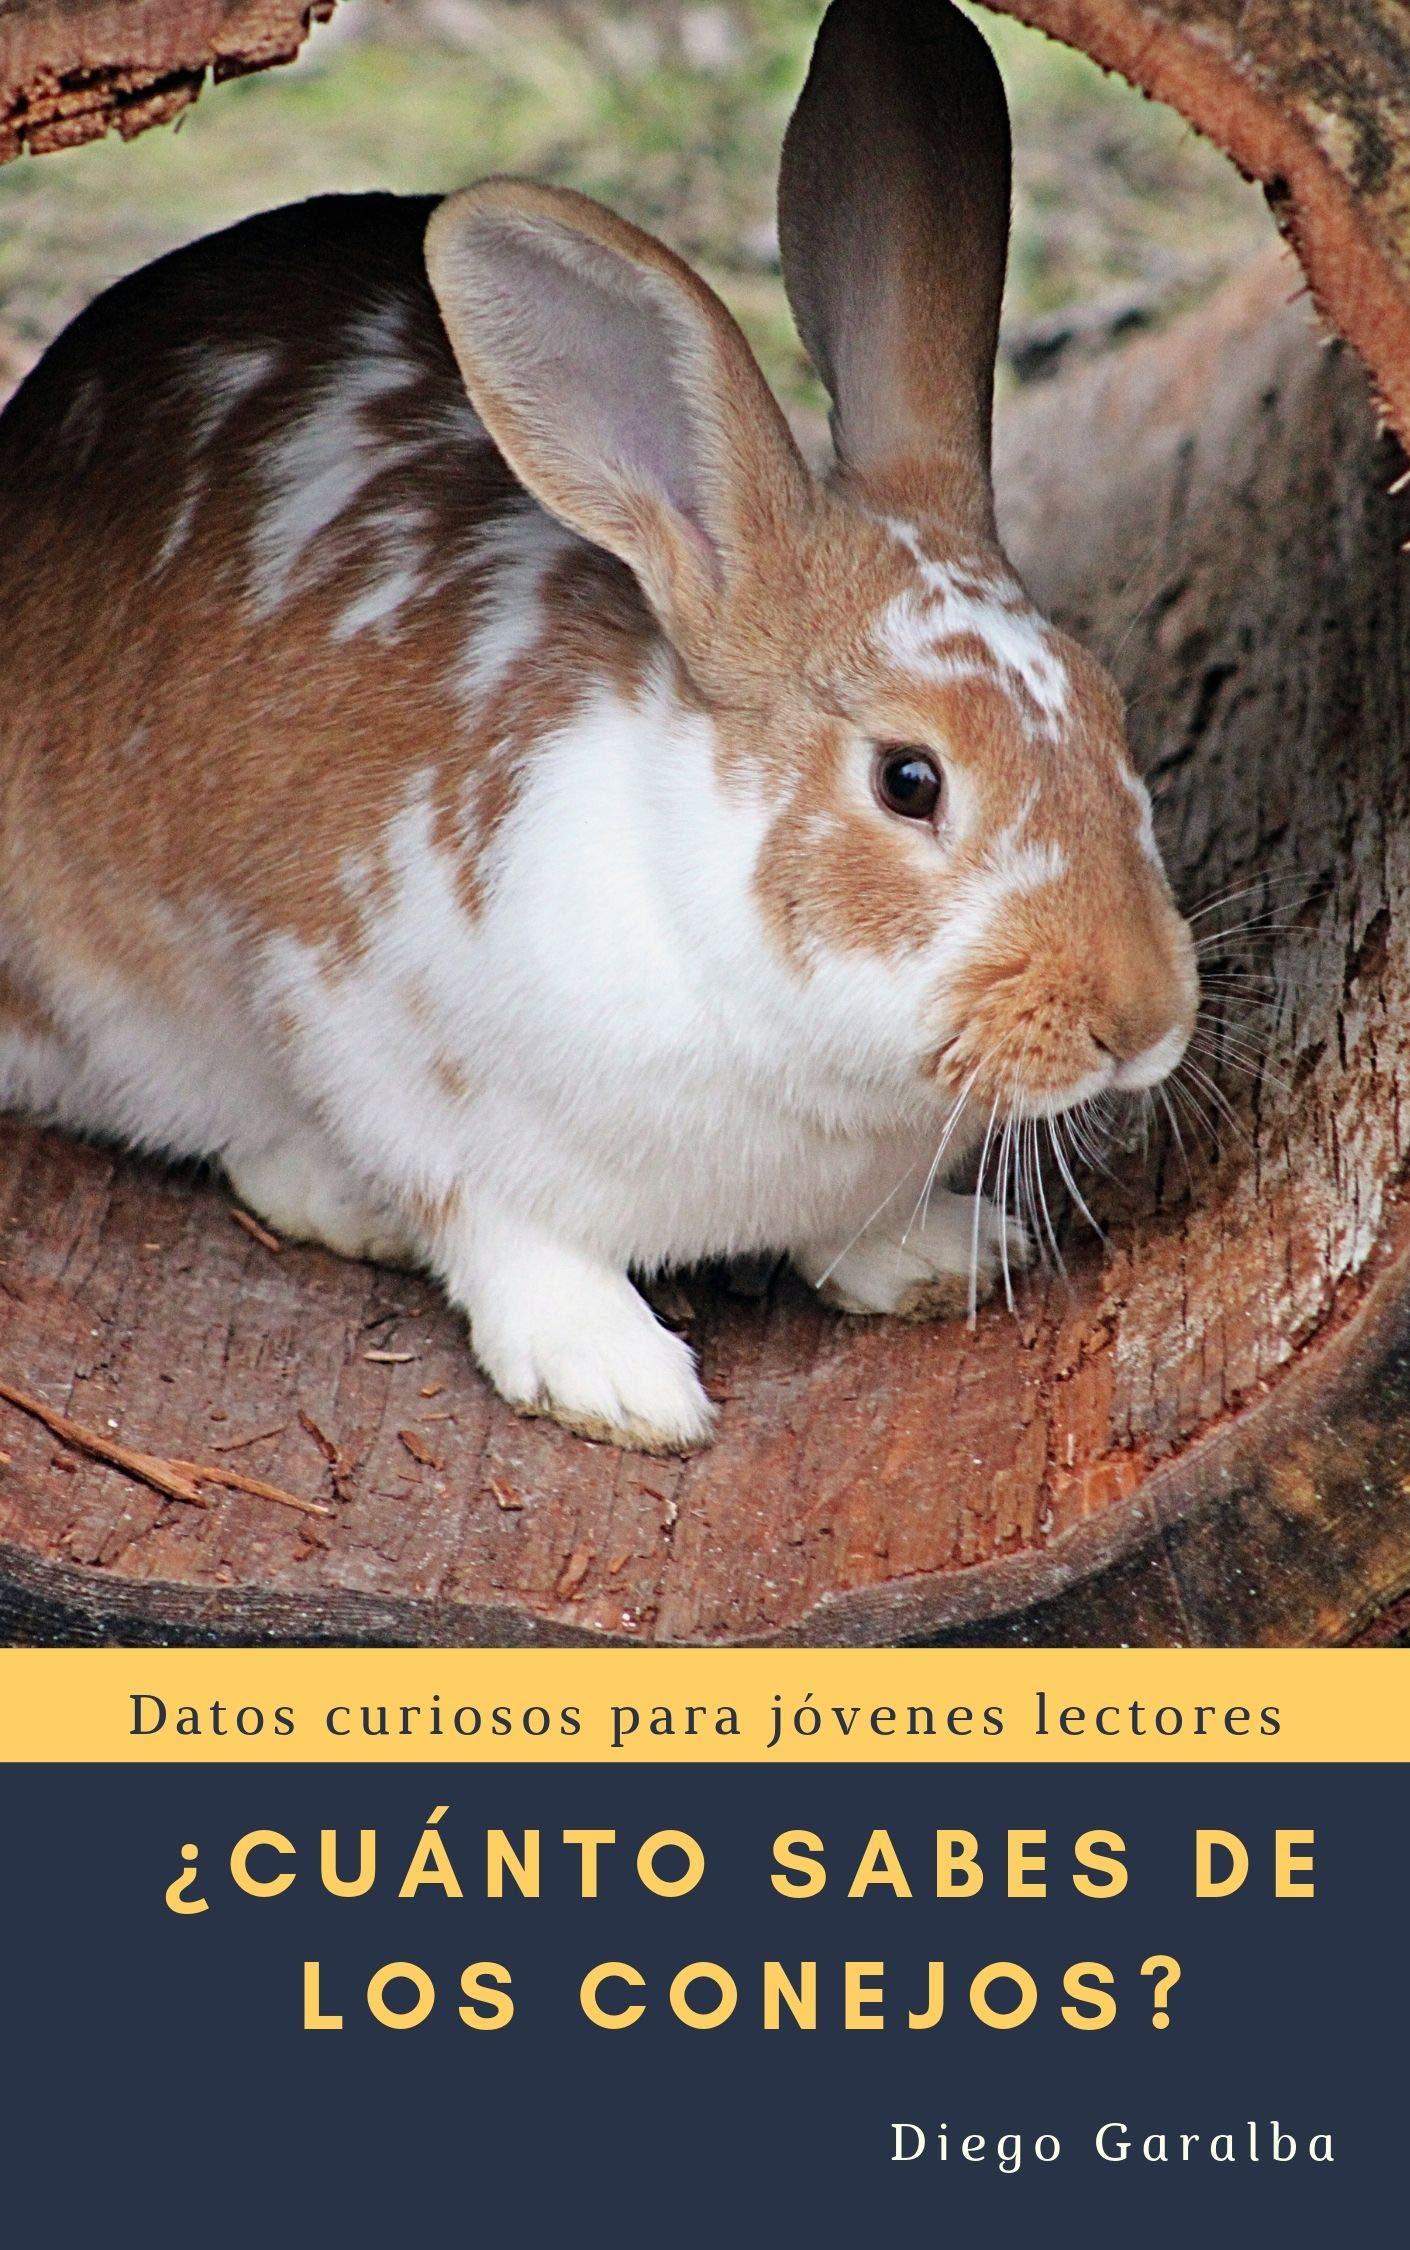 ¿CUÁNTO SABES DE LOS CONEJOS?: Datos curiosos para jóvenes lectores con impactantes fotografías (¿Cuánto sabes de...? nº 23)